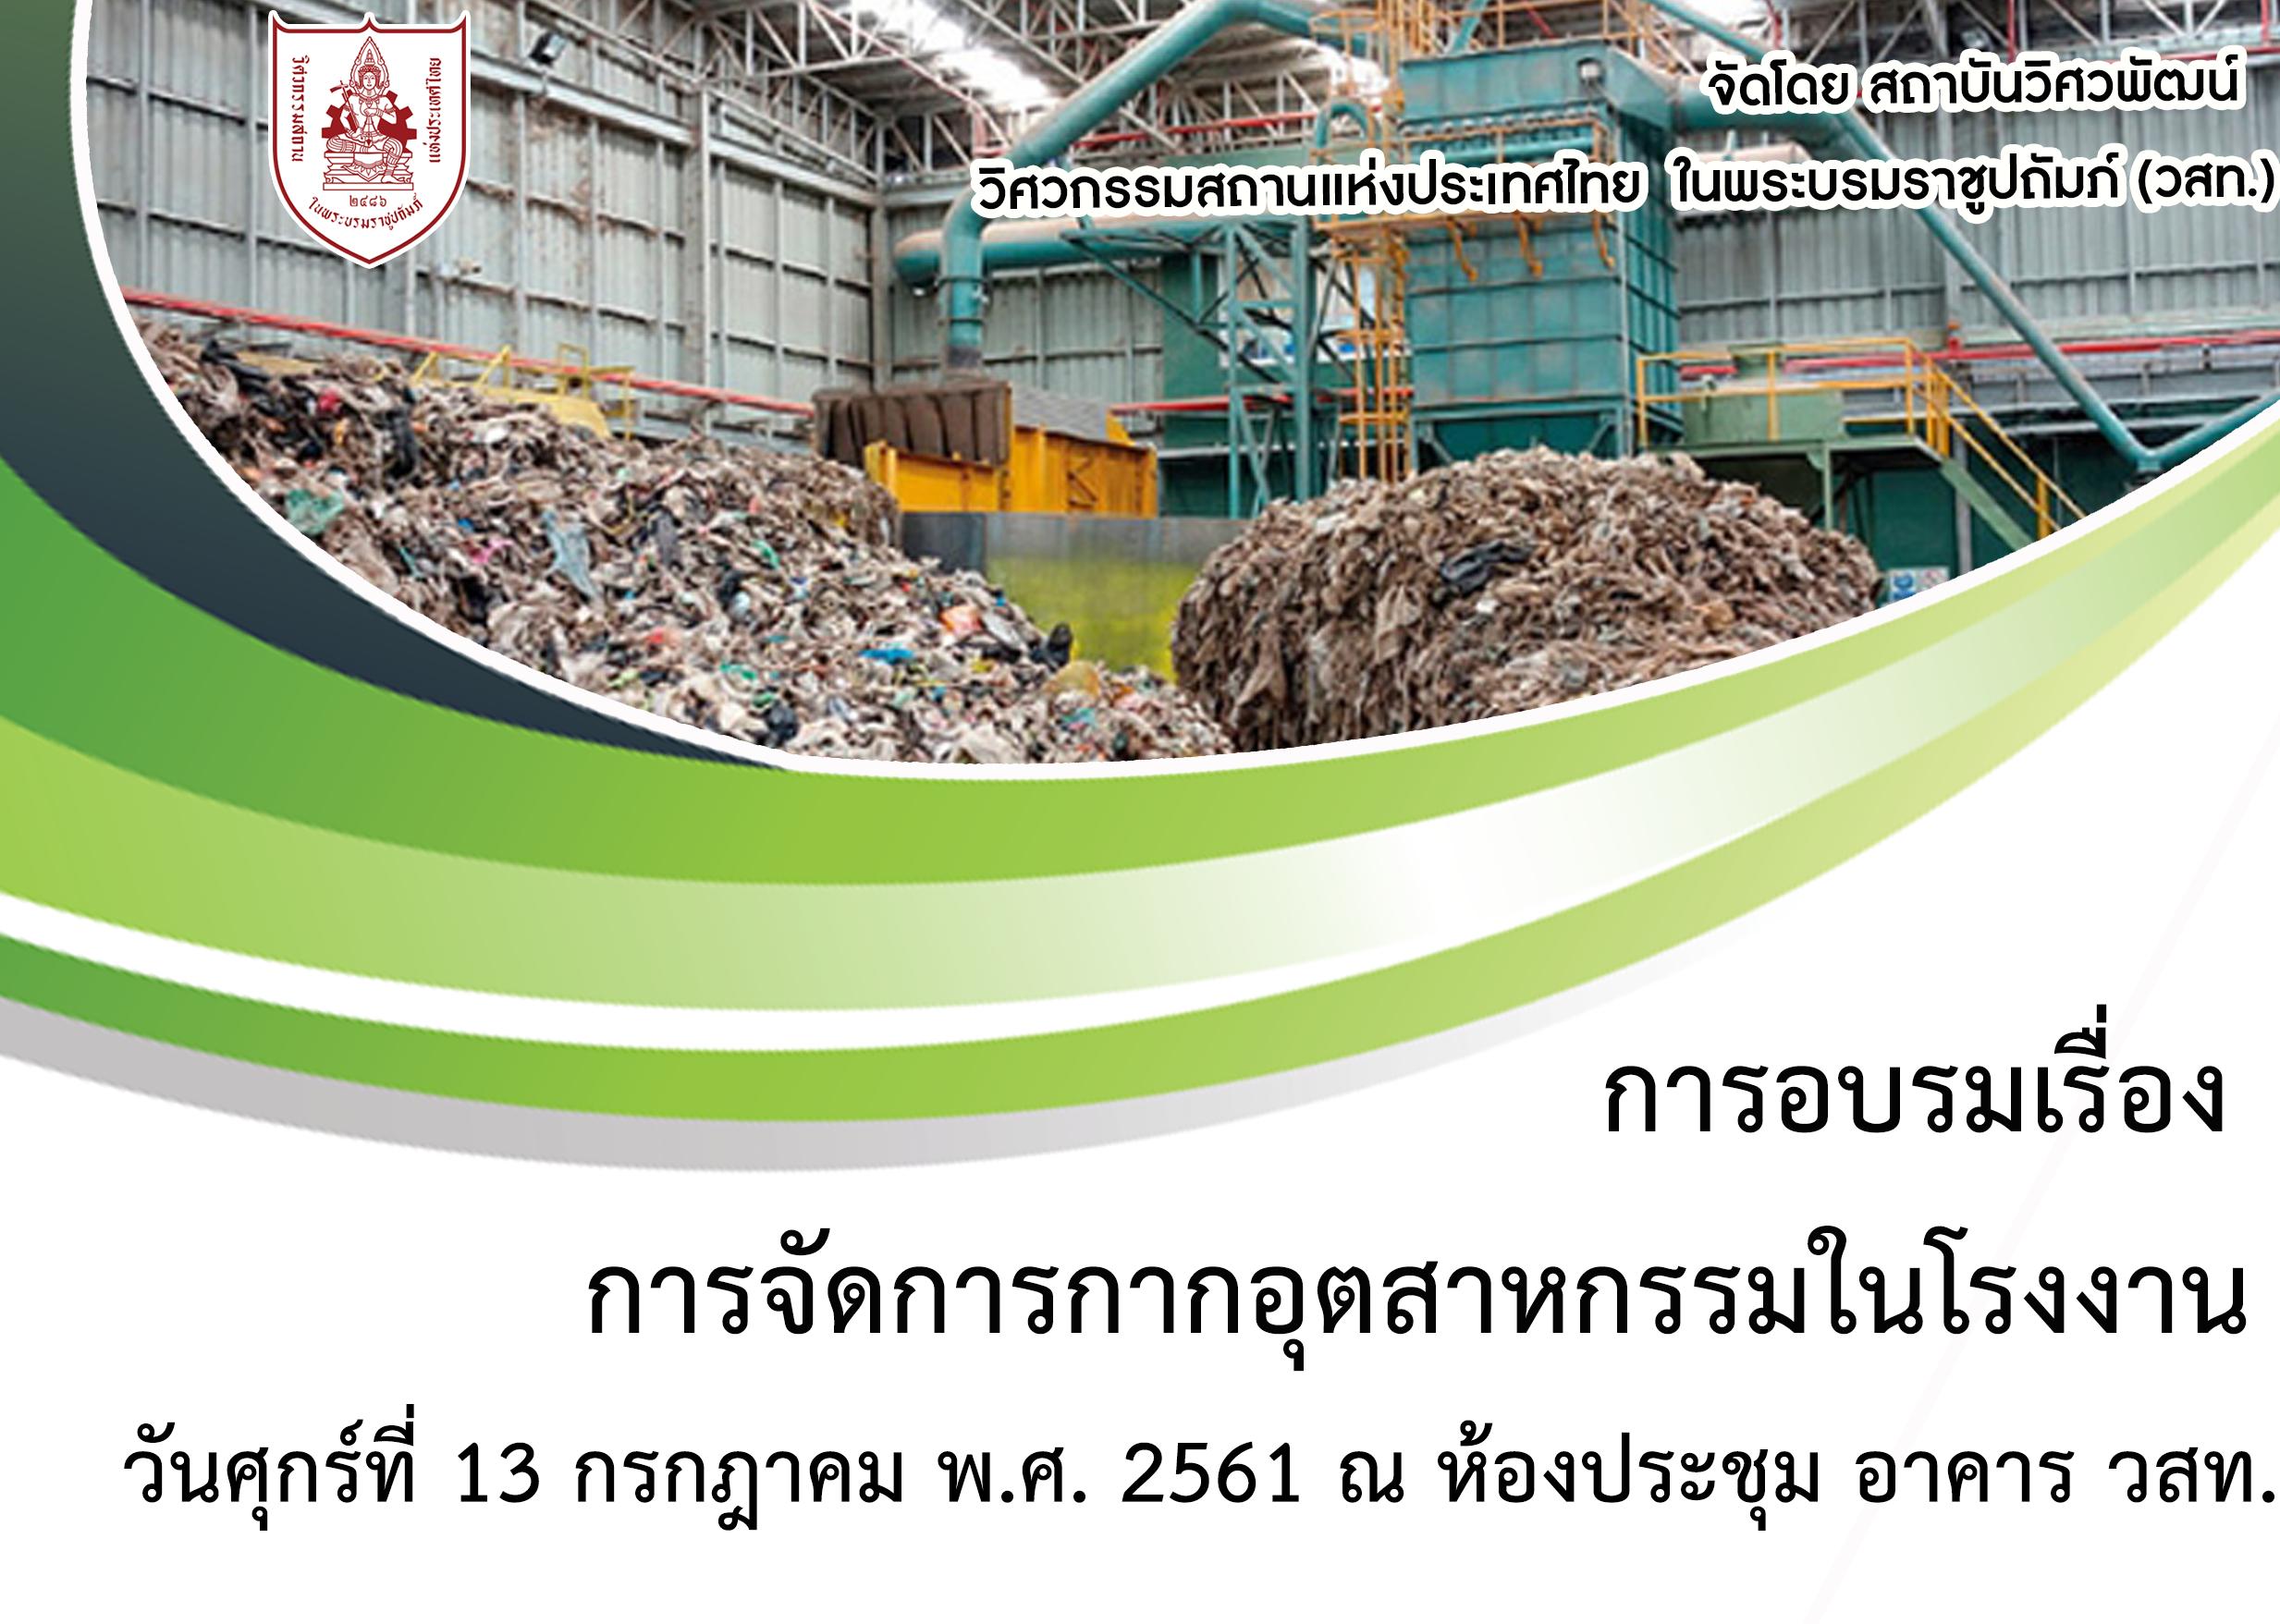 """13/07/2561 การอบรมเรื่อง """"การจัดการกากอุตสาหกรรมในโรงงาน"""" (ยกเลิก)"""